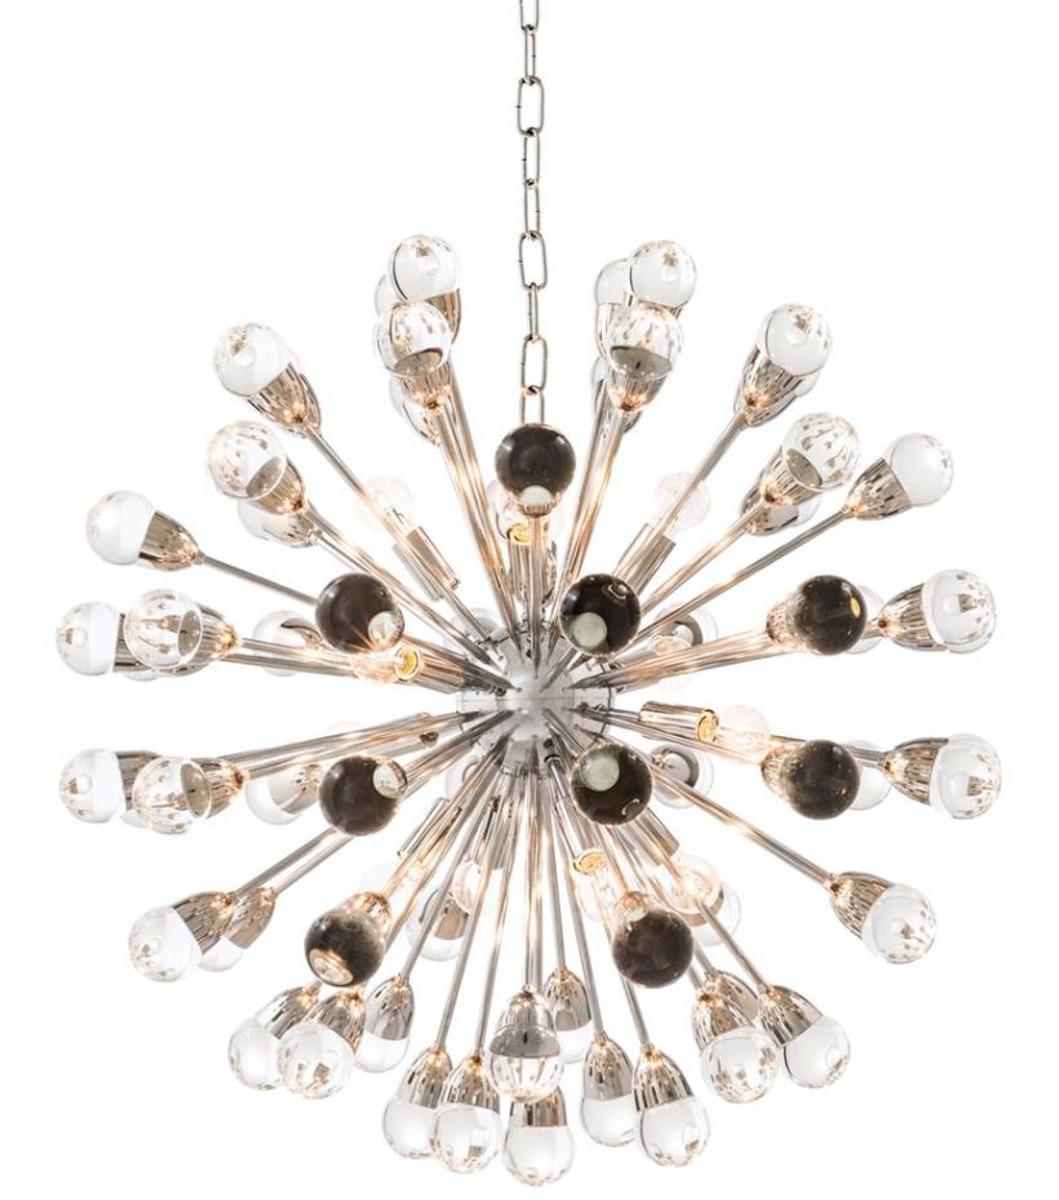 casa padrino luxus designer kronleuchter silber durchmesser 75 cm limited edition leuchten. Black Bedroom Furniture Sets. Home Design Ideas